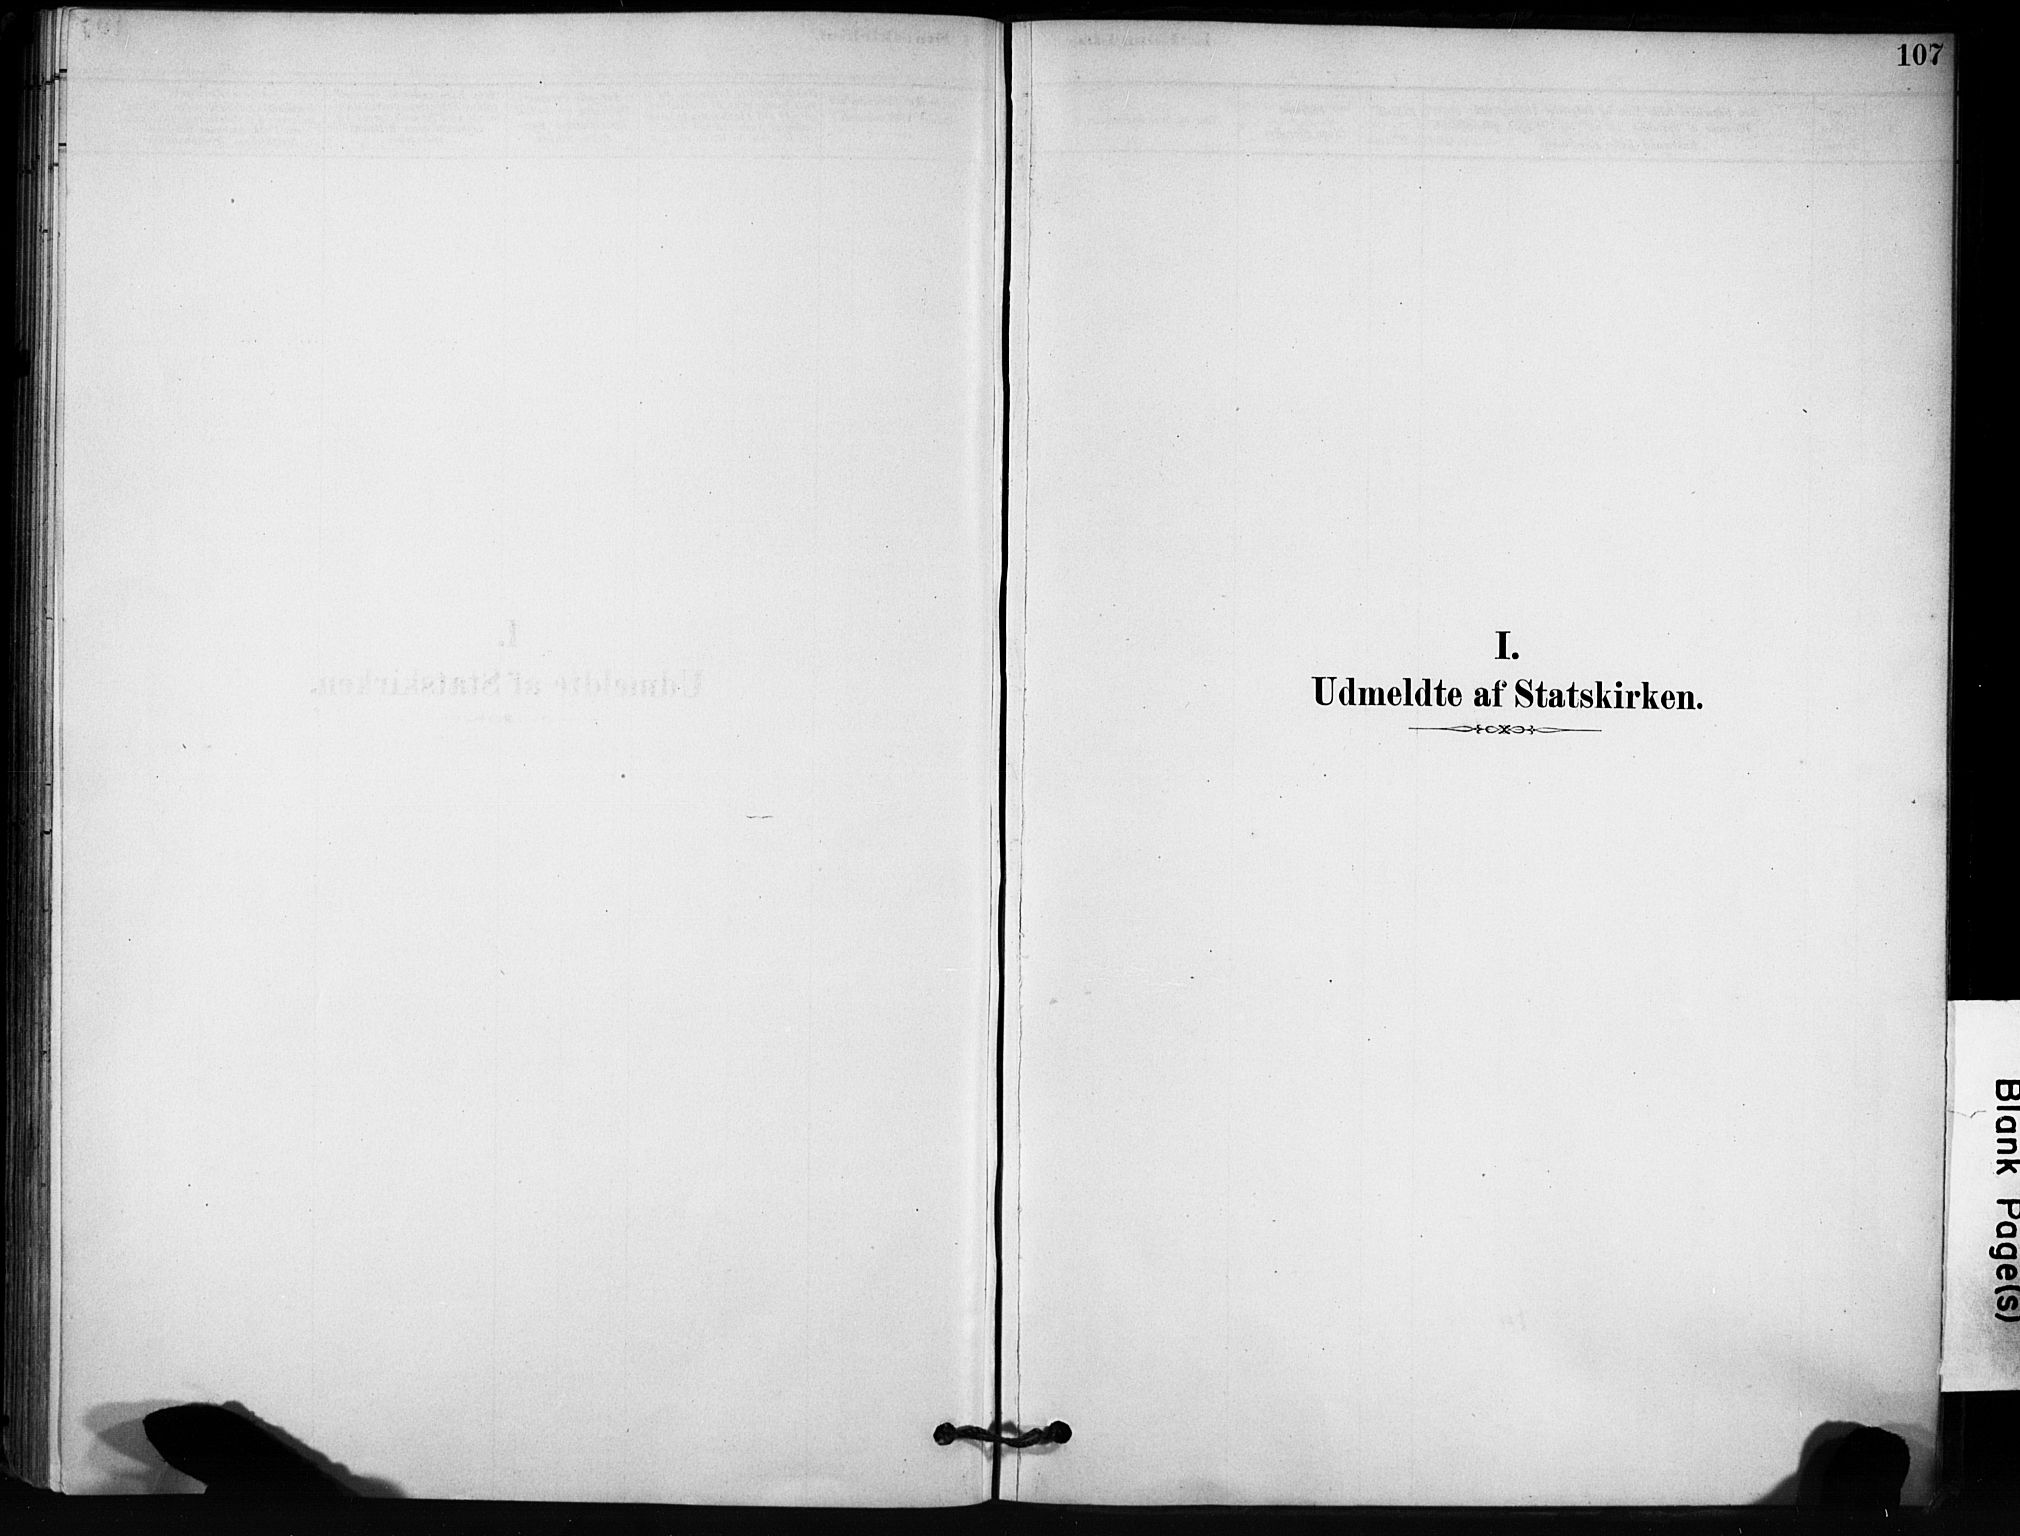 SAT, Ministerialprotokoller, klokkerbøker og fødselsregistre - Sør-Trøndelag, 666/L0786: Ministerialbok nr. 666A04, 1878-1895, s. 107